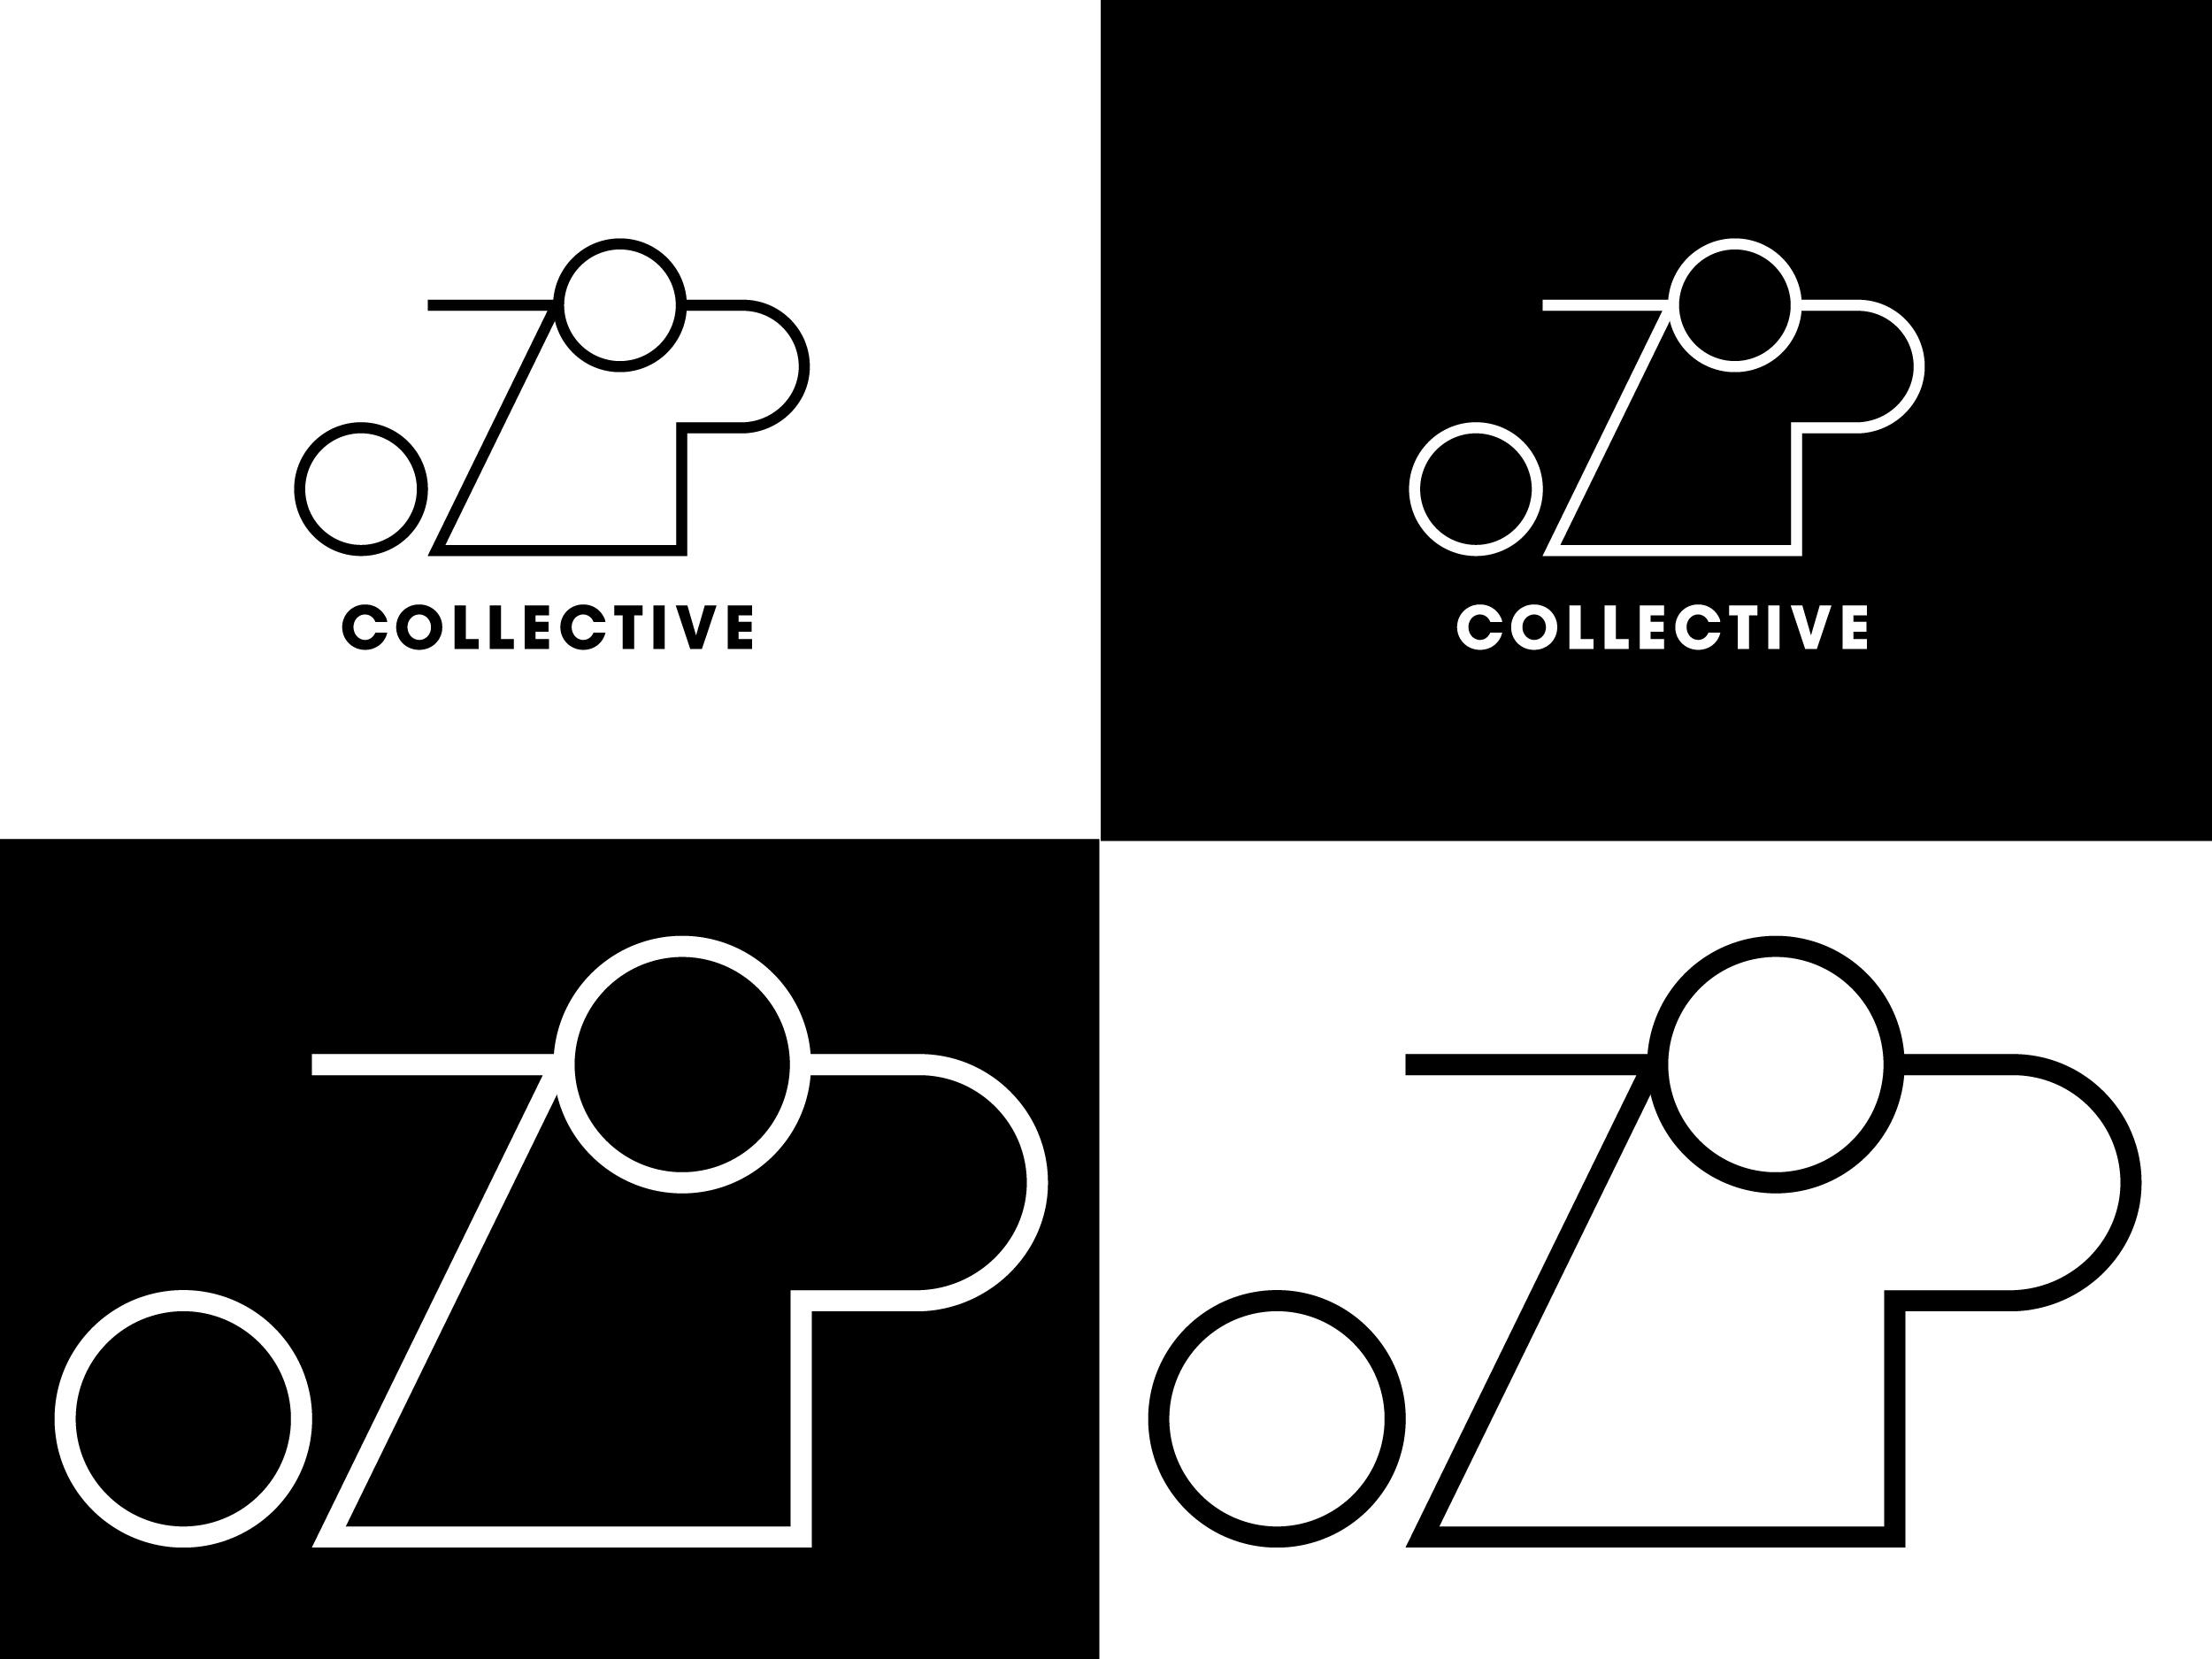 ZIP-Collective_logo_composition.jpg